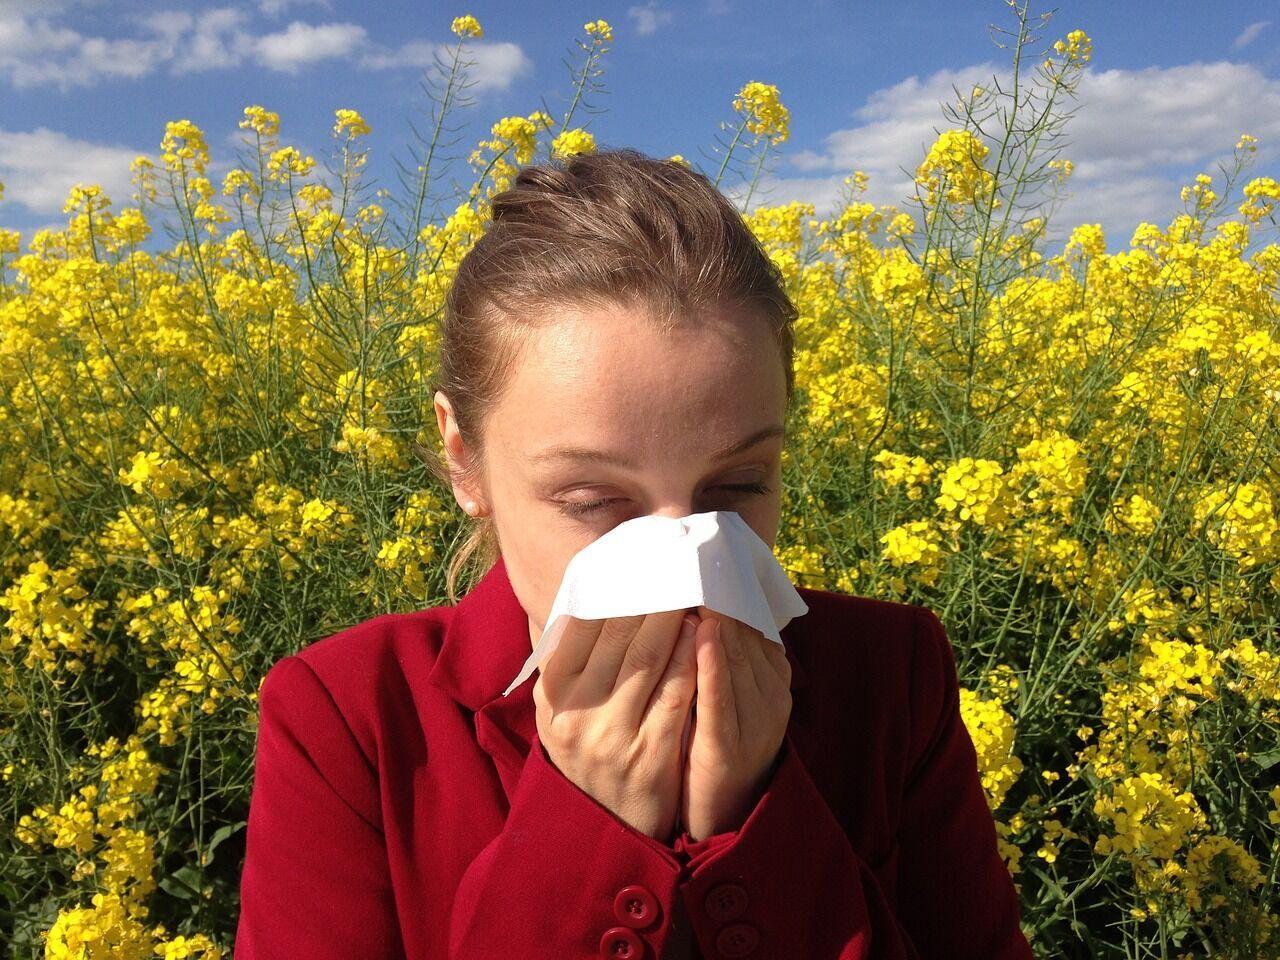 8 липня відзначають День боротьби з алергією